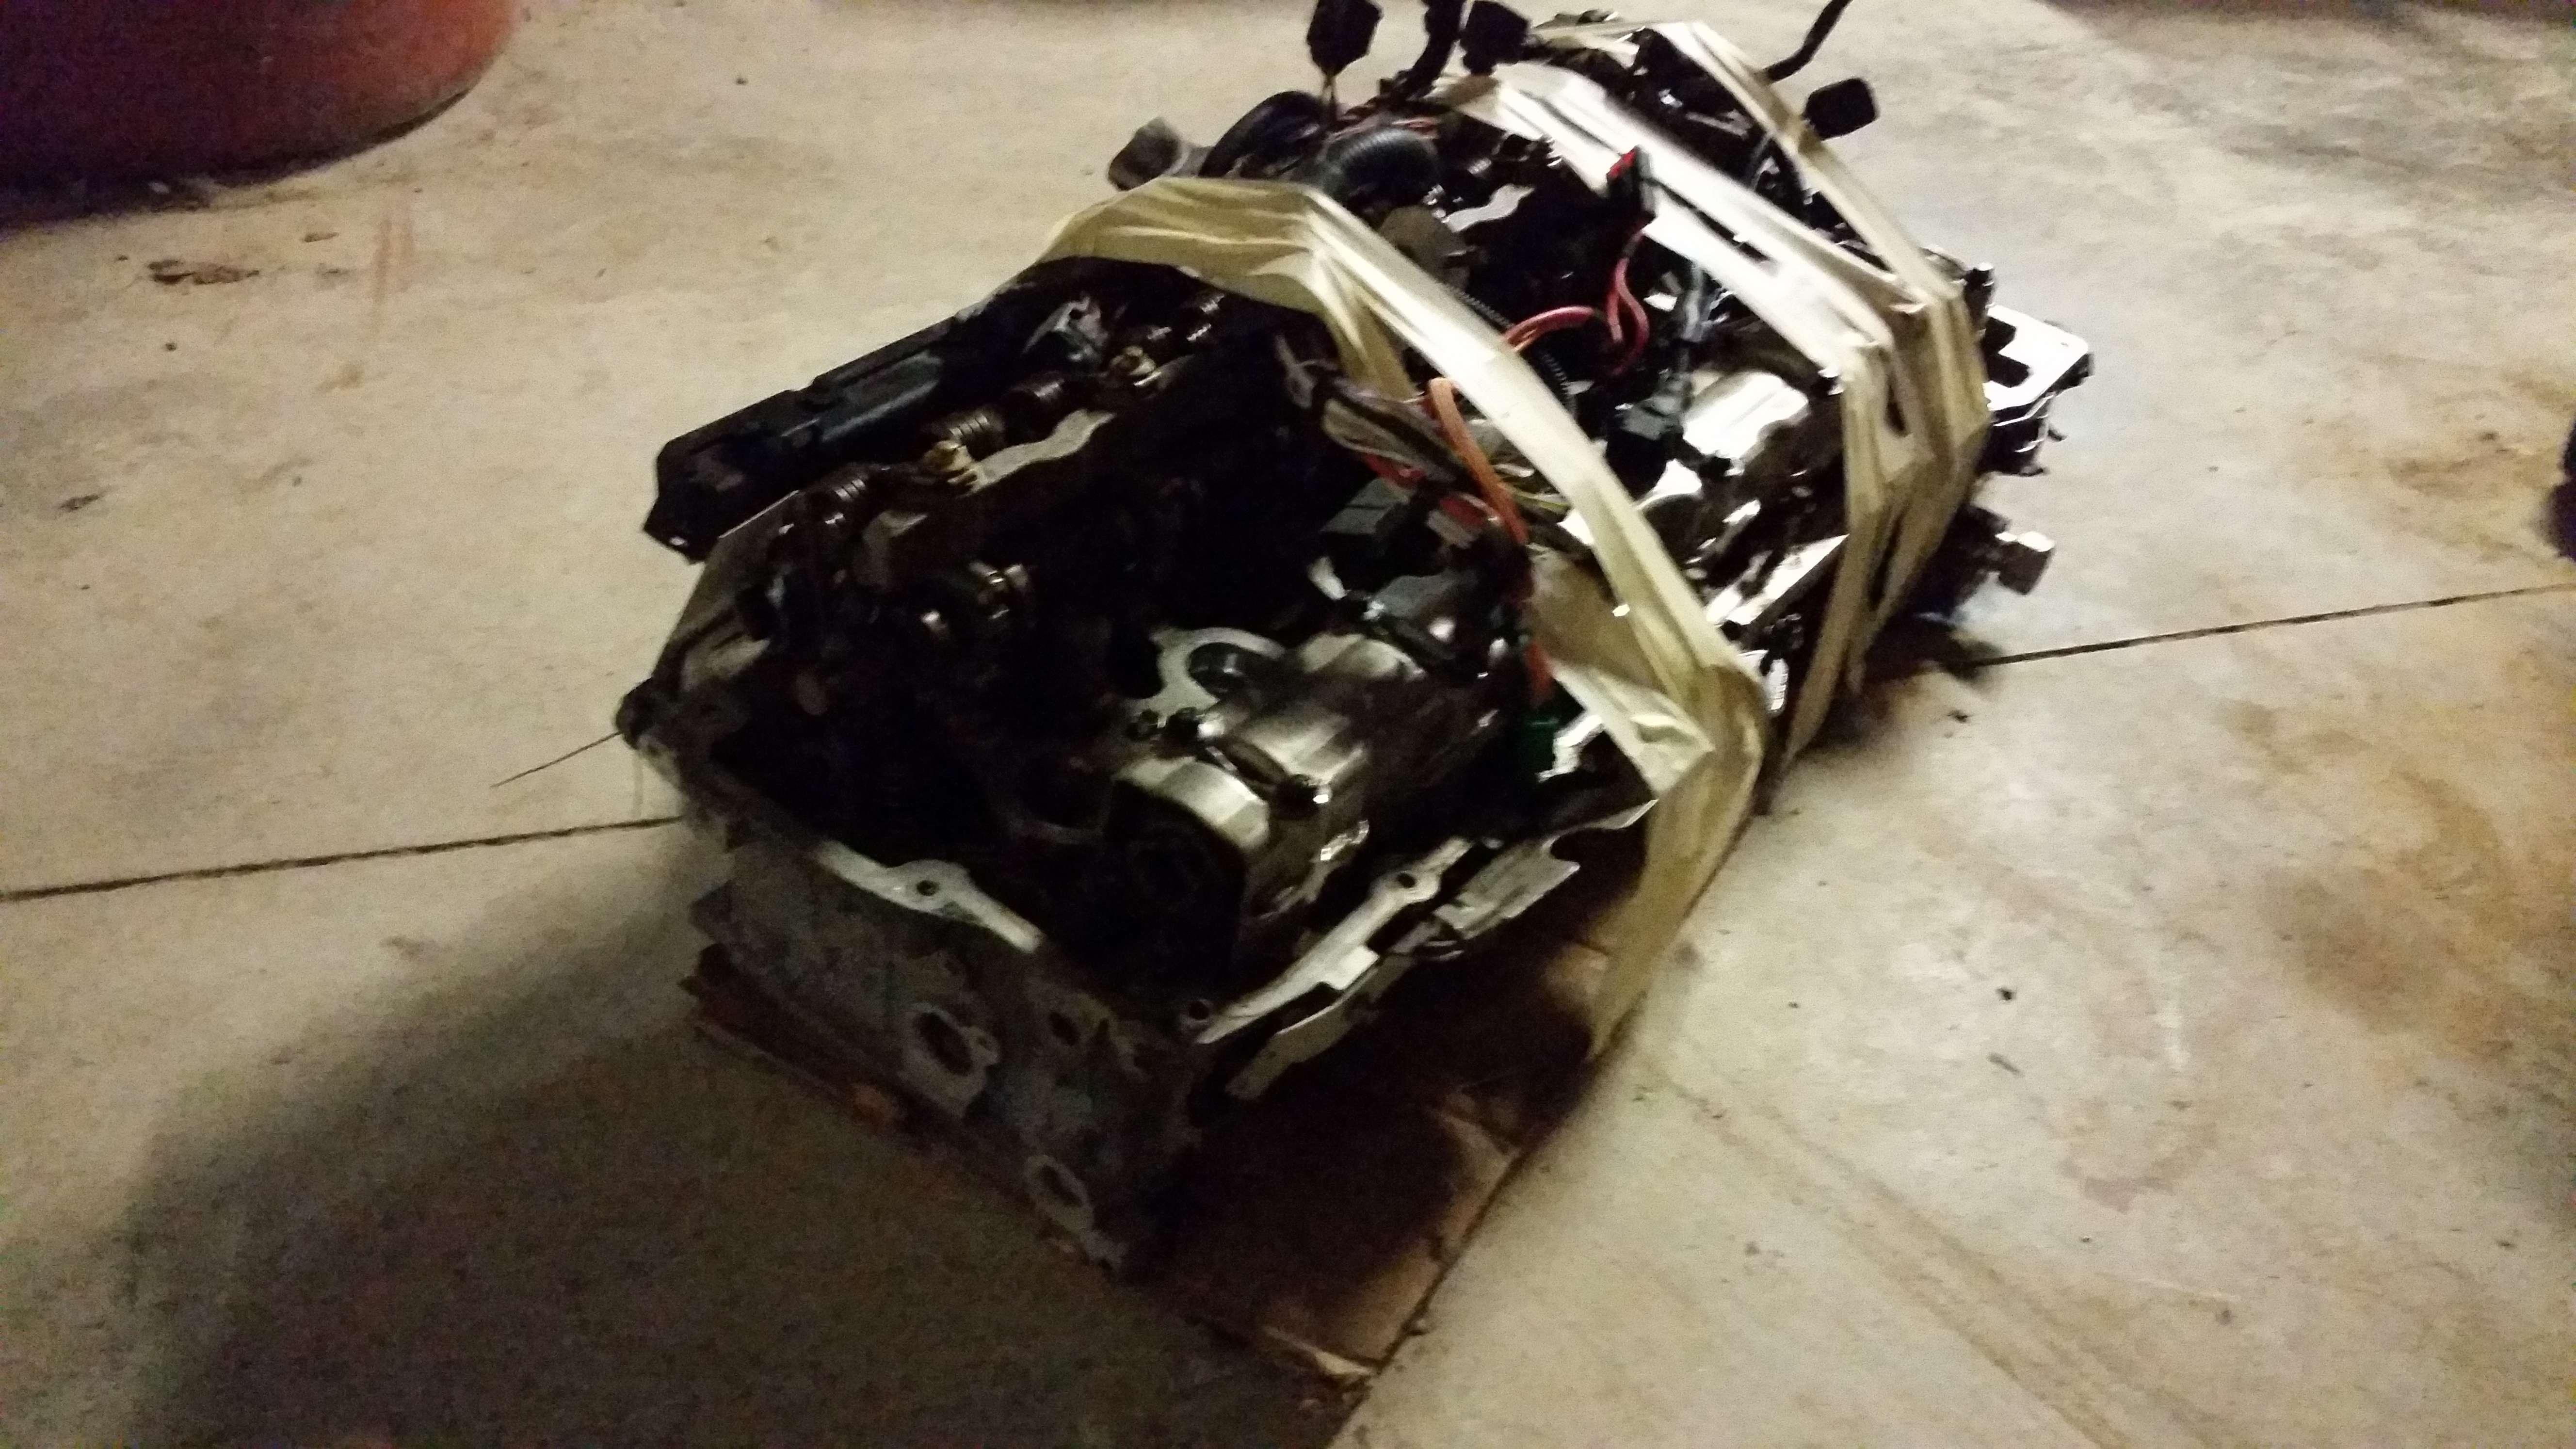 07 08 09 10 11 Bmw 328i X Drive N51 Engine Cylinder Head 3